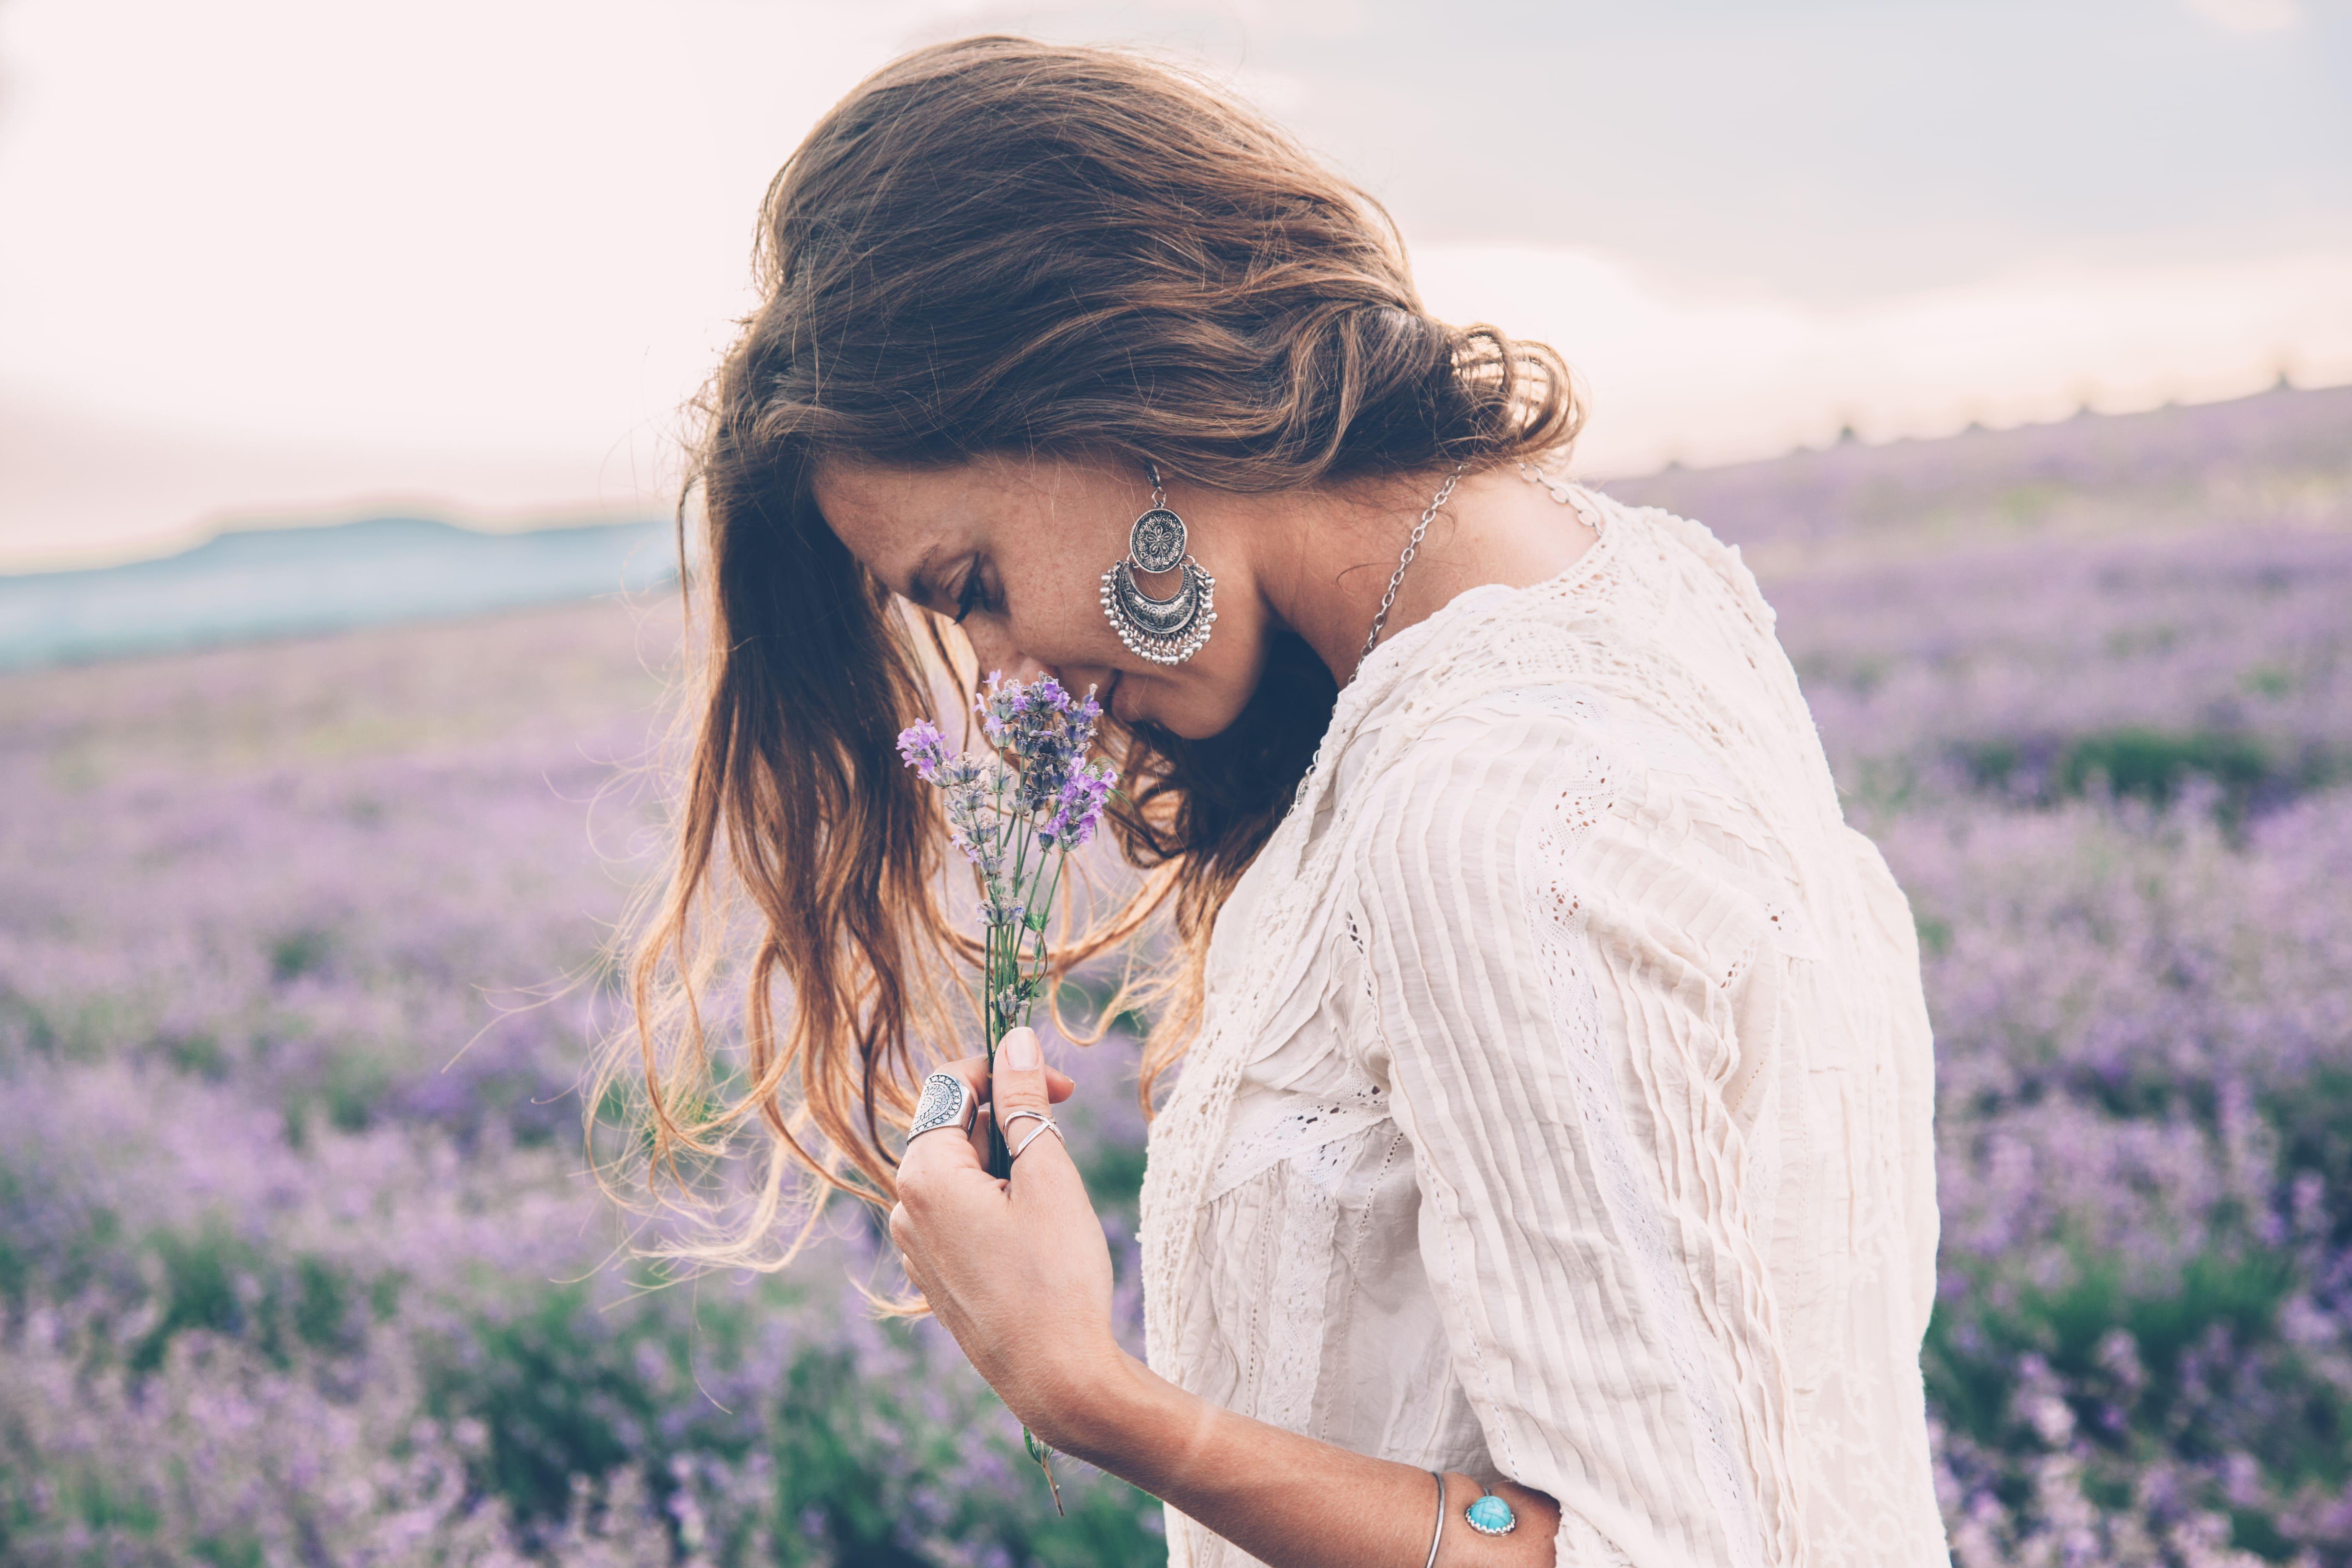 Mulher branca vestida de branco e com cabelos castanhos em um campo de Lavandas. Ela está cheirando flores de lavanda.